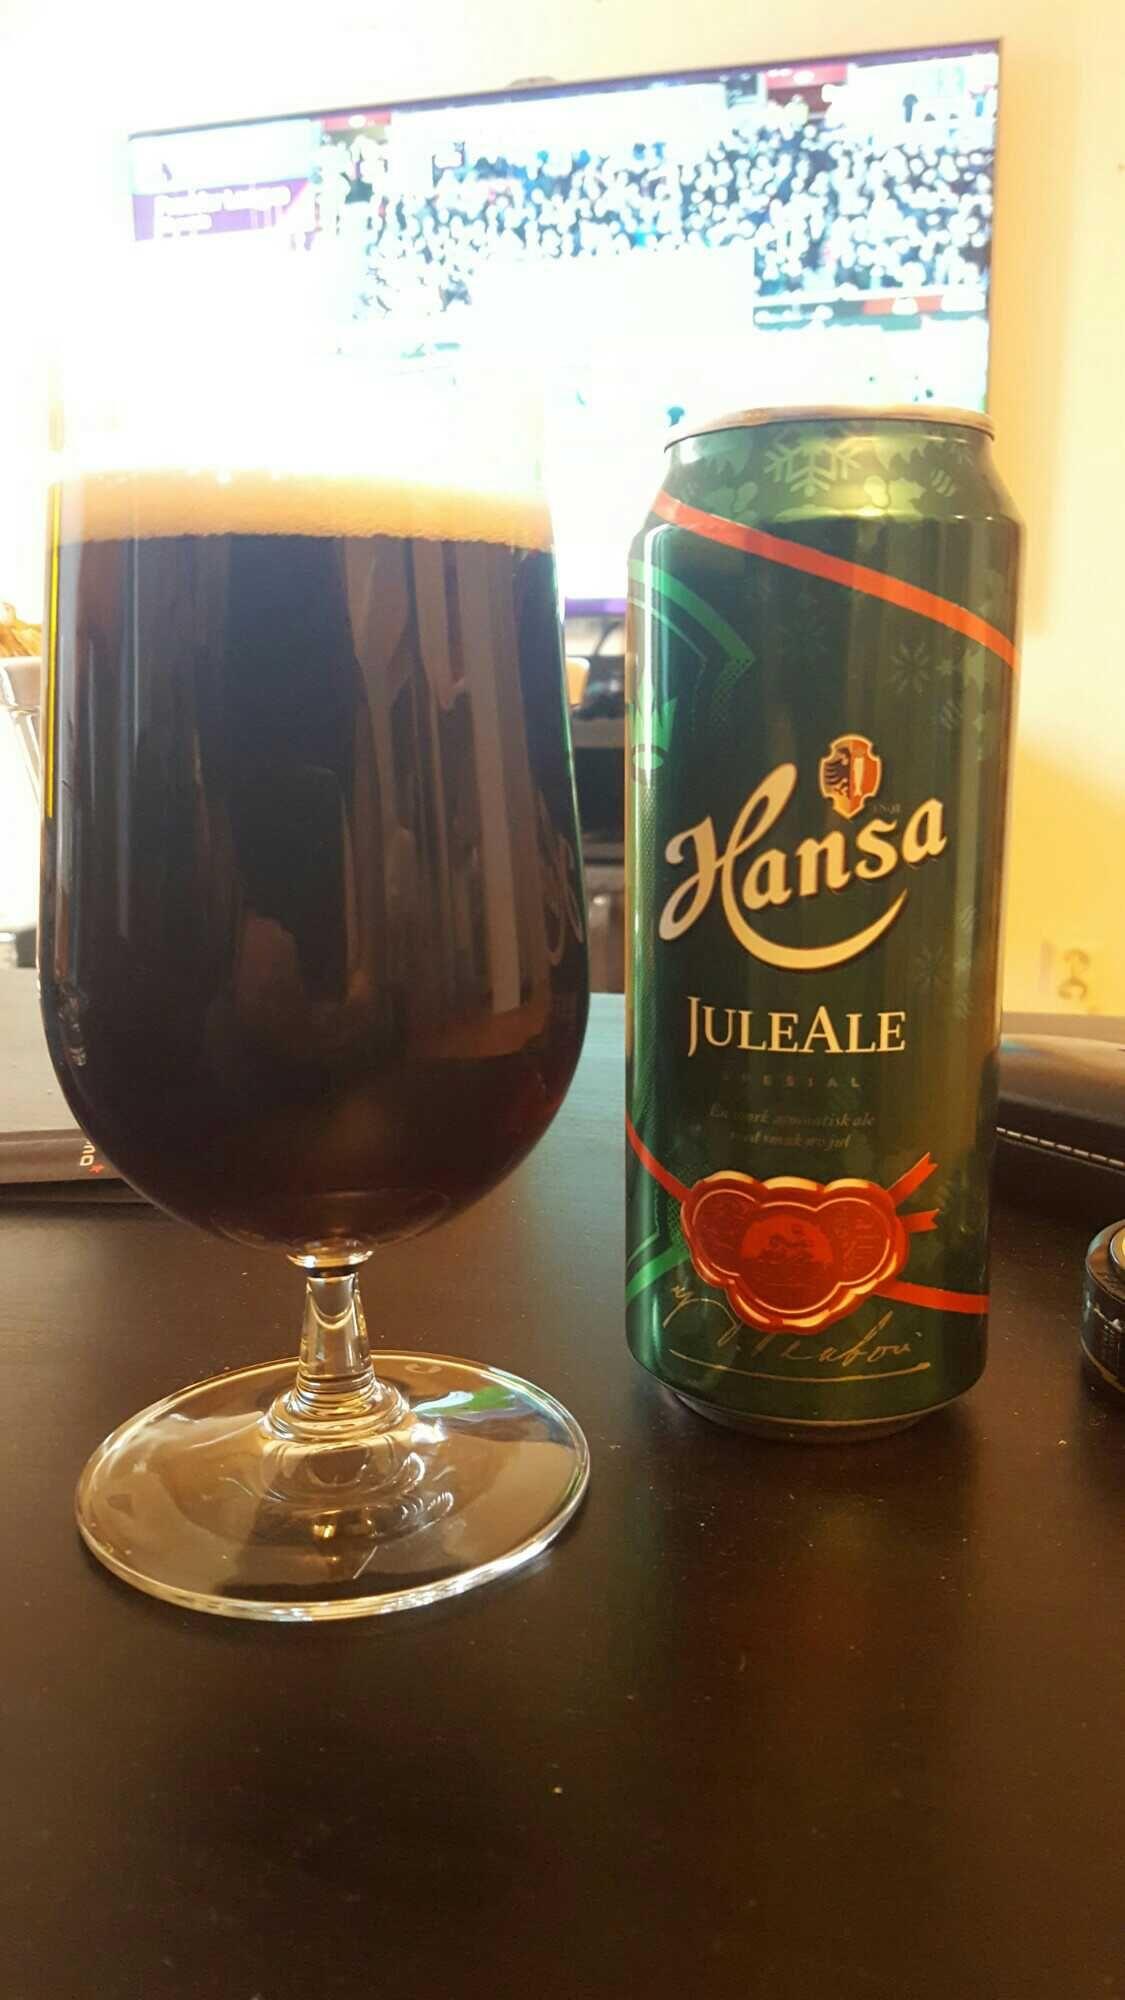 JuleAle (4.7) by Hansa Bryggerier Cerveza